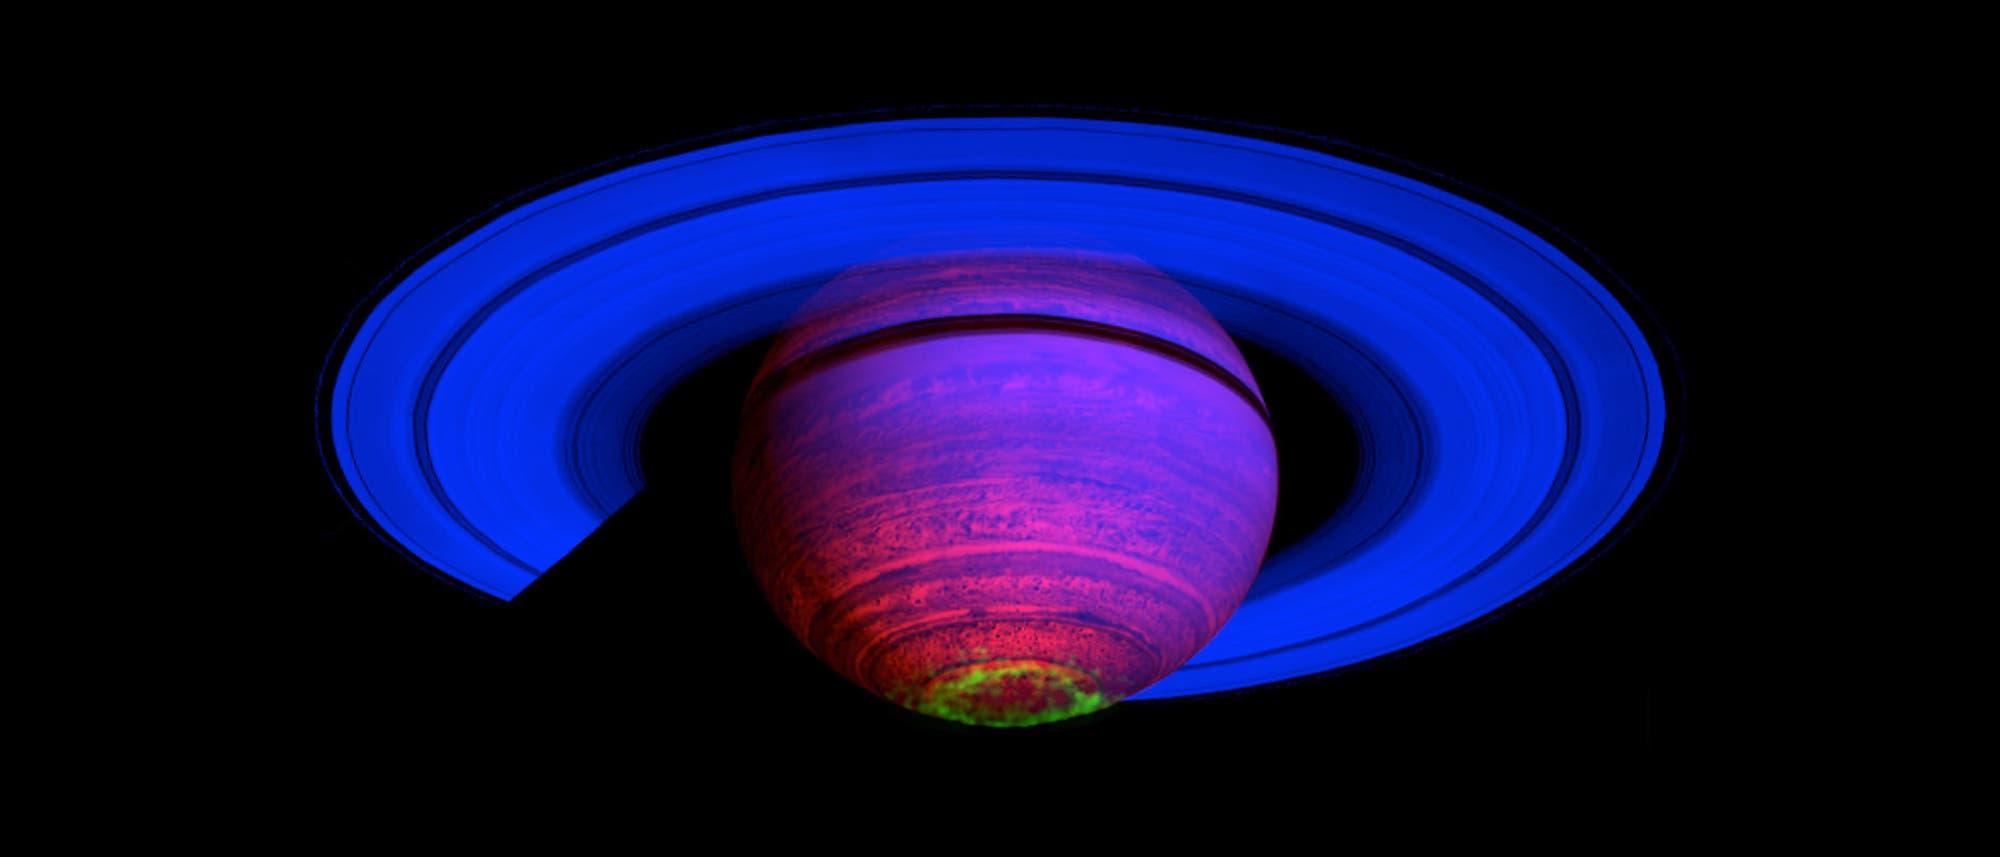 Falschfarbenkomposit der Saturn-Atmosphäre. In grün die Aurora.